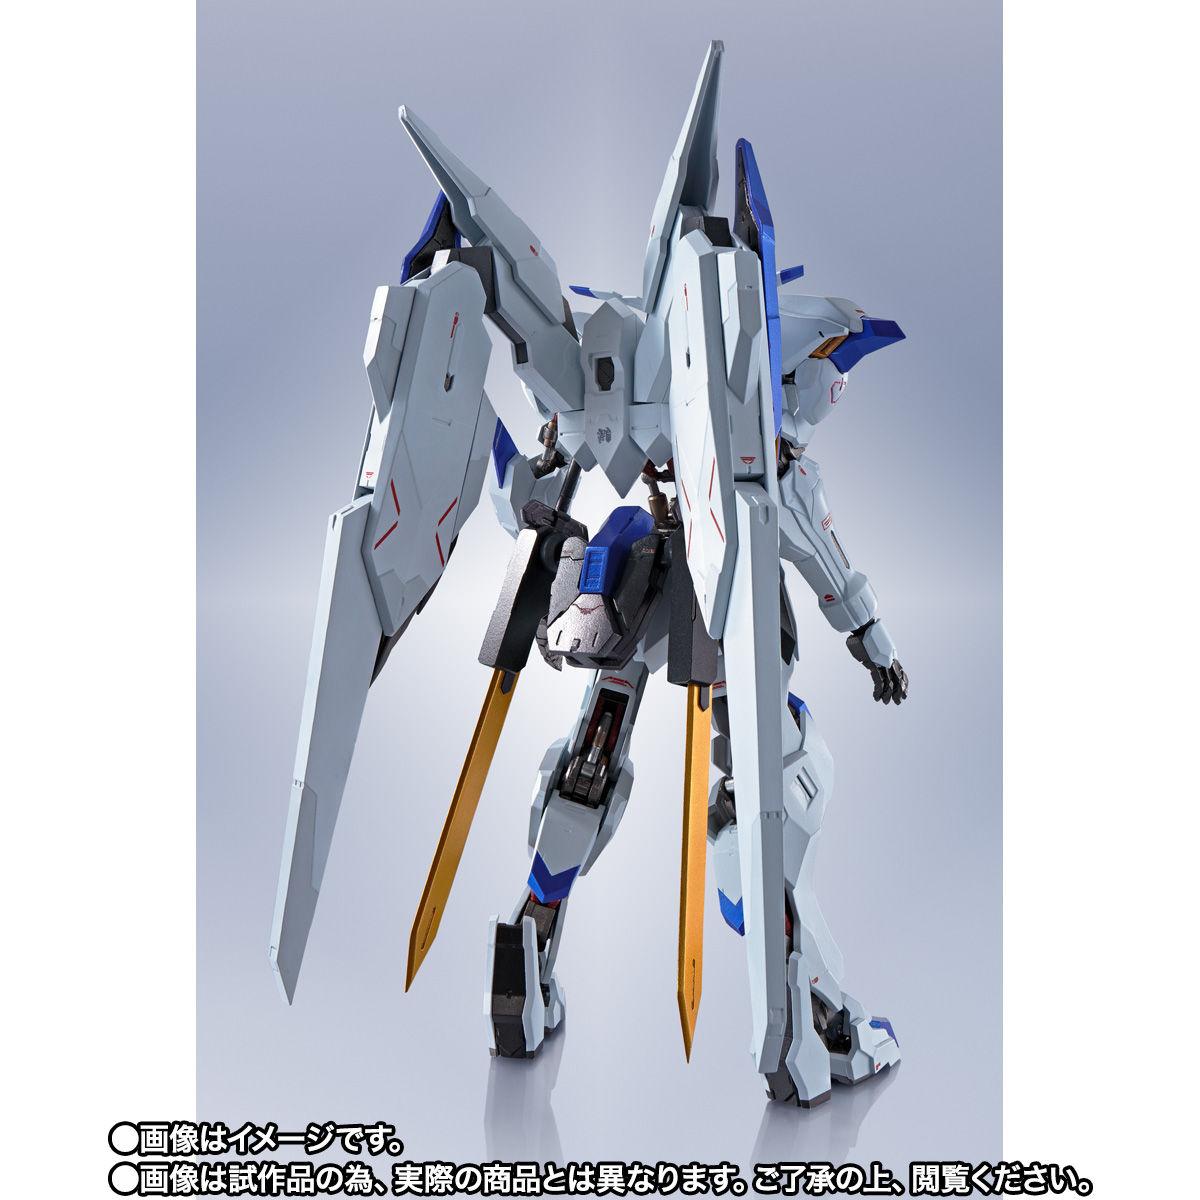 【限定販売】METAL ROBOT魂〈SIDE MS〉『ガンダムバエル』鉄血のオルフェンズ 可動フィギュア-003